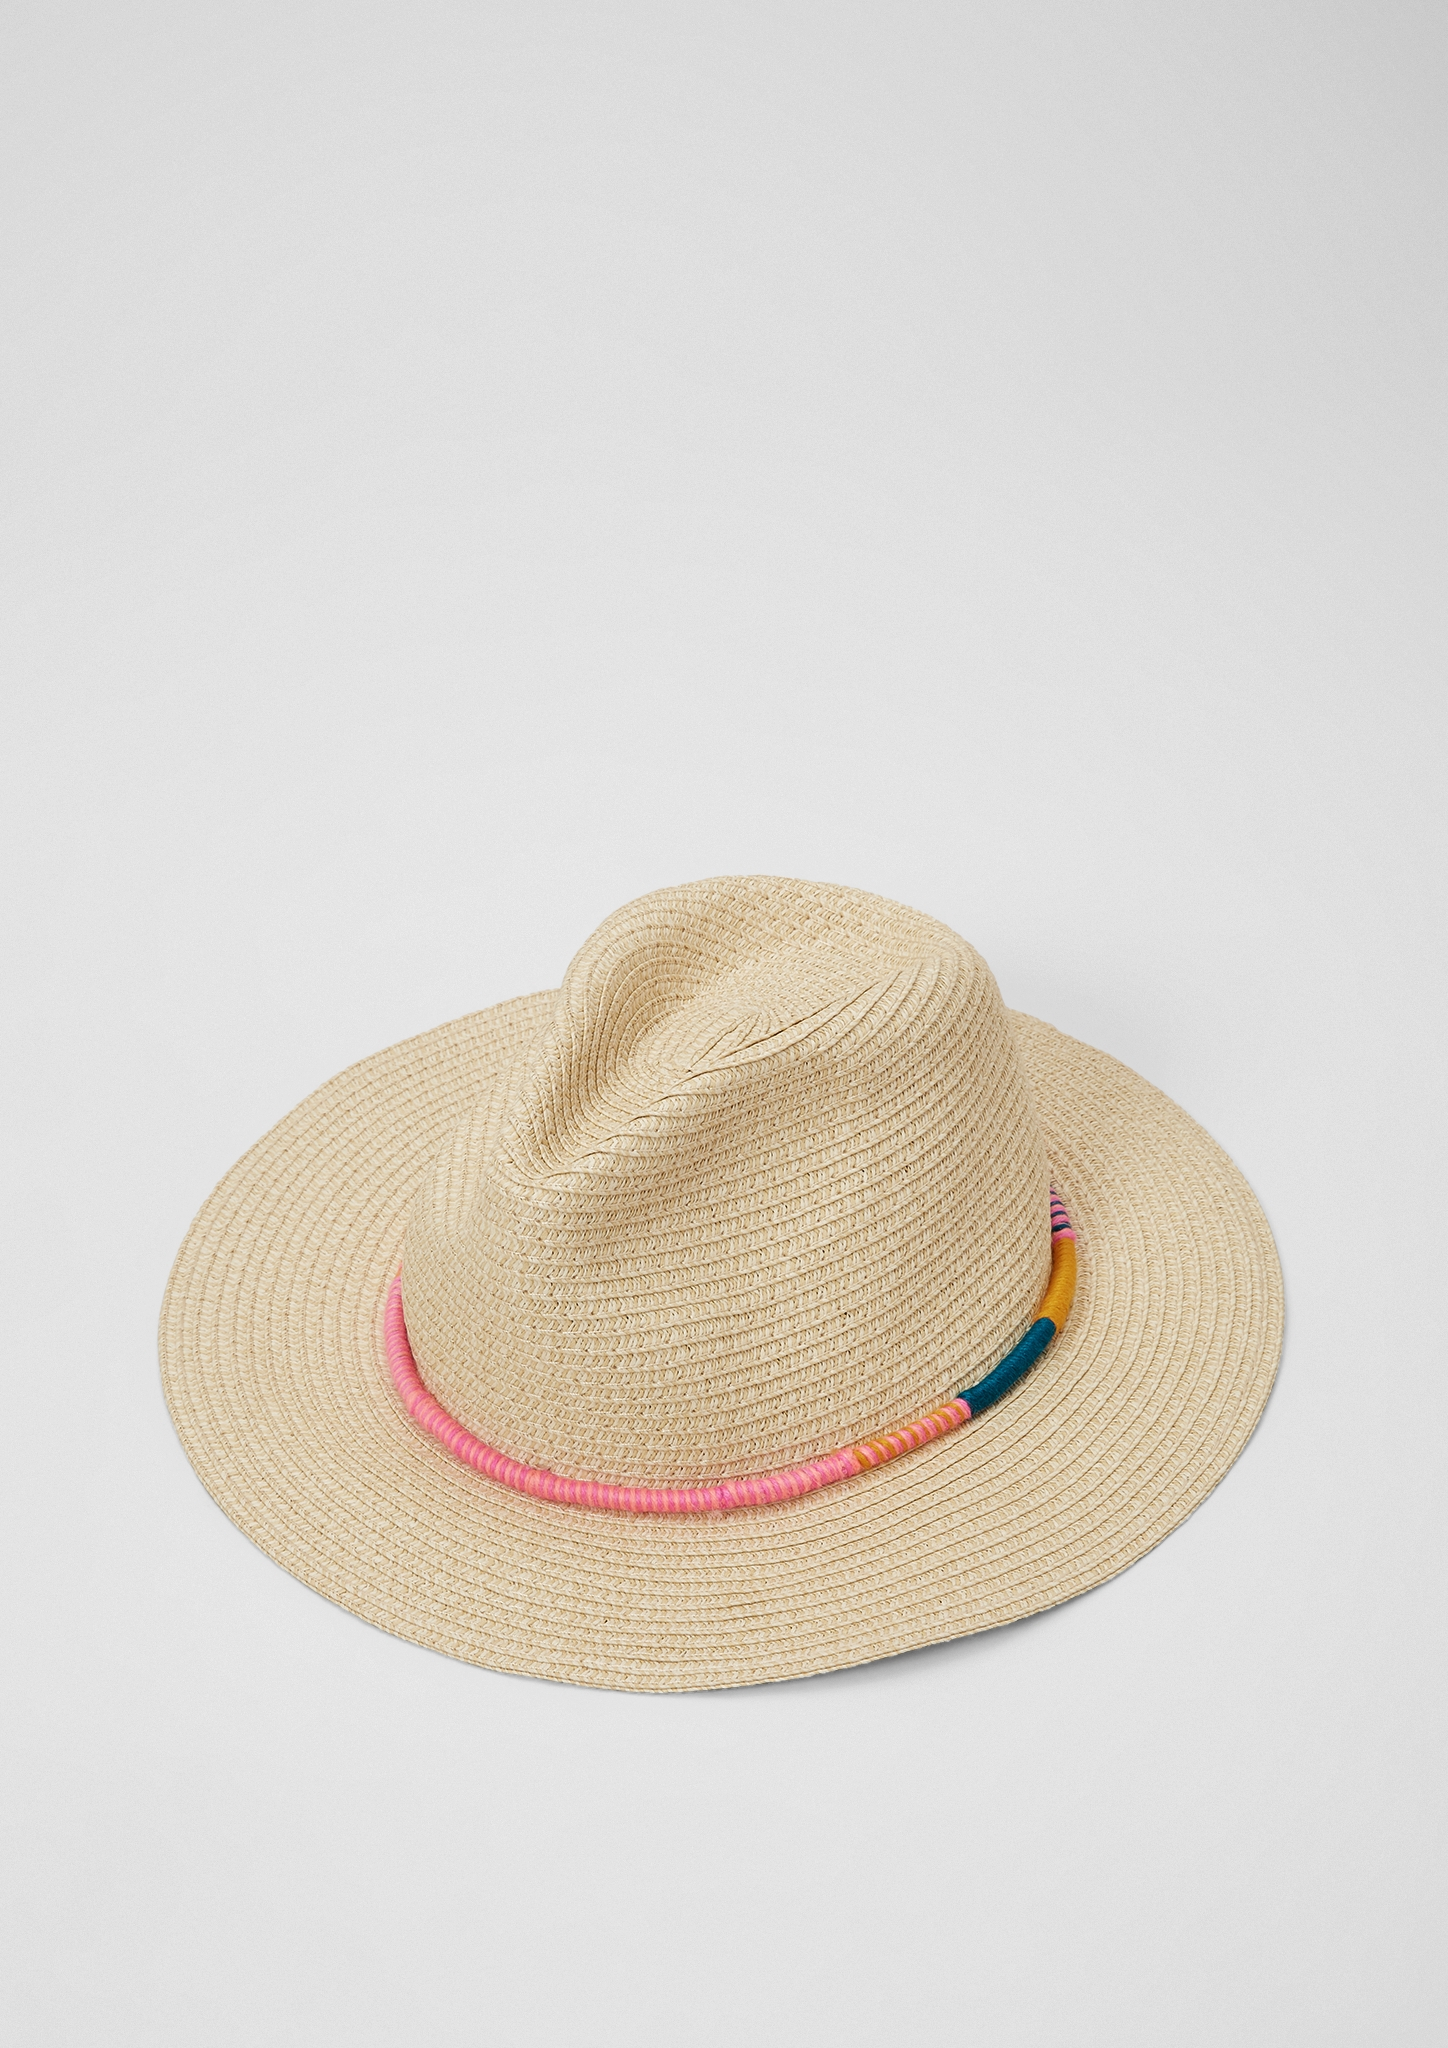 Sonnenhut   Accessoires > Hüte > Sonnenhüte   Beige   100% papier   s.Oliver